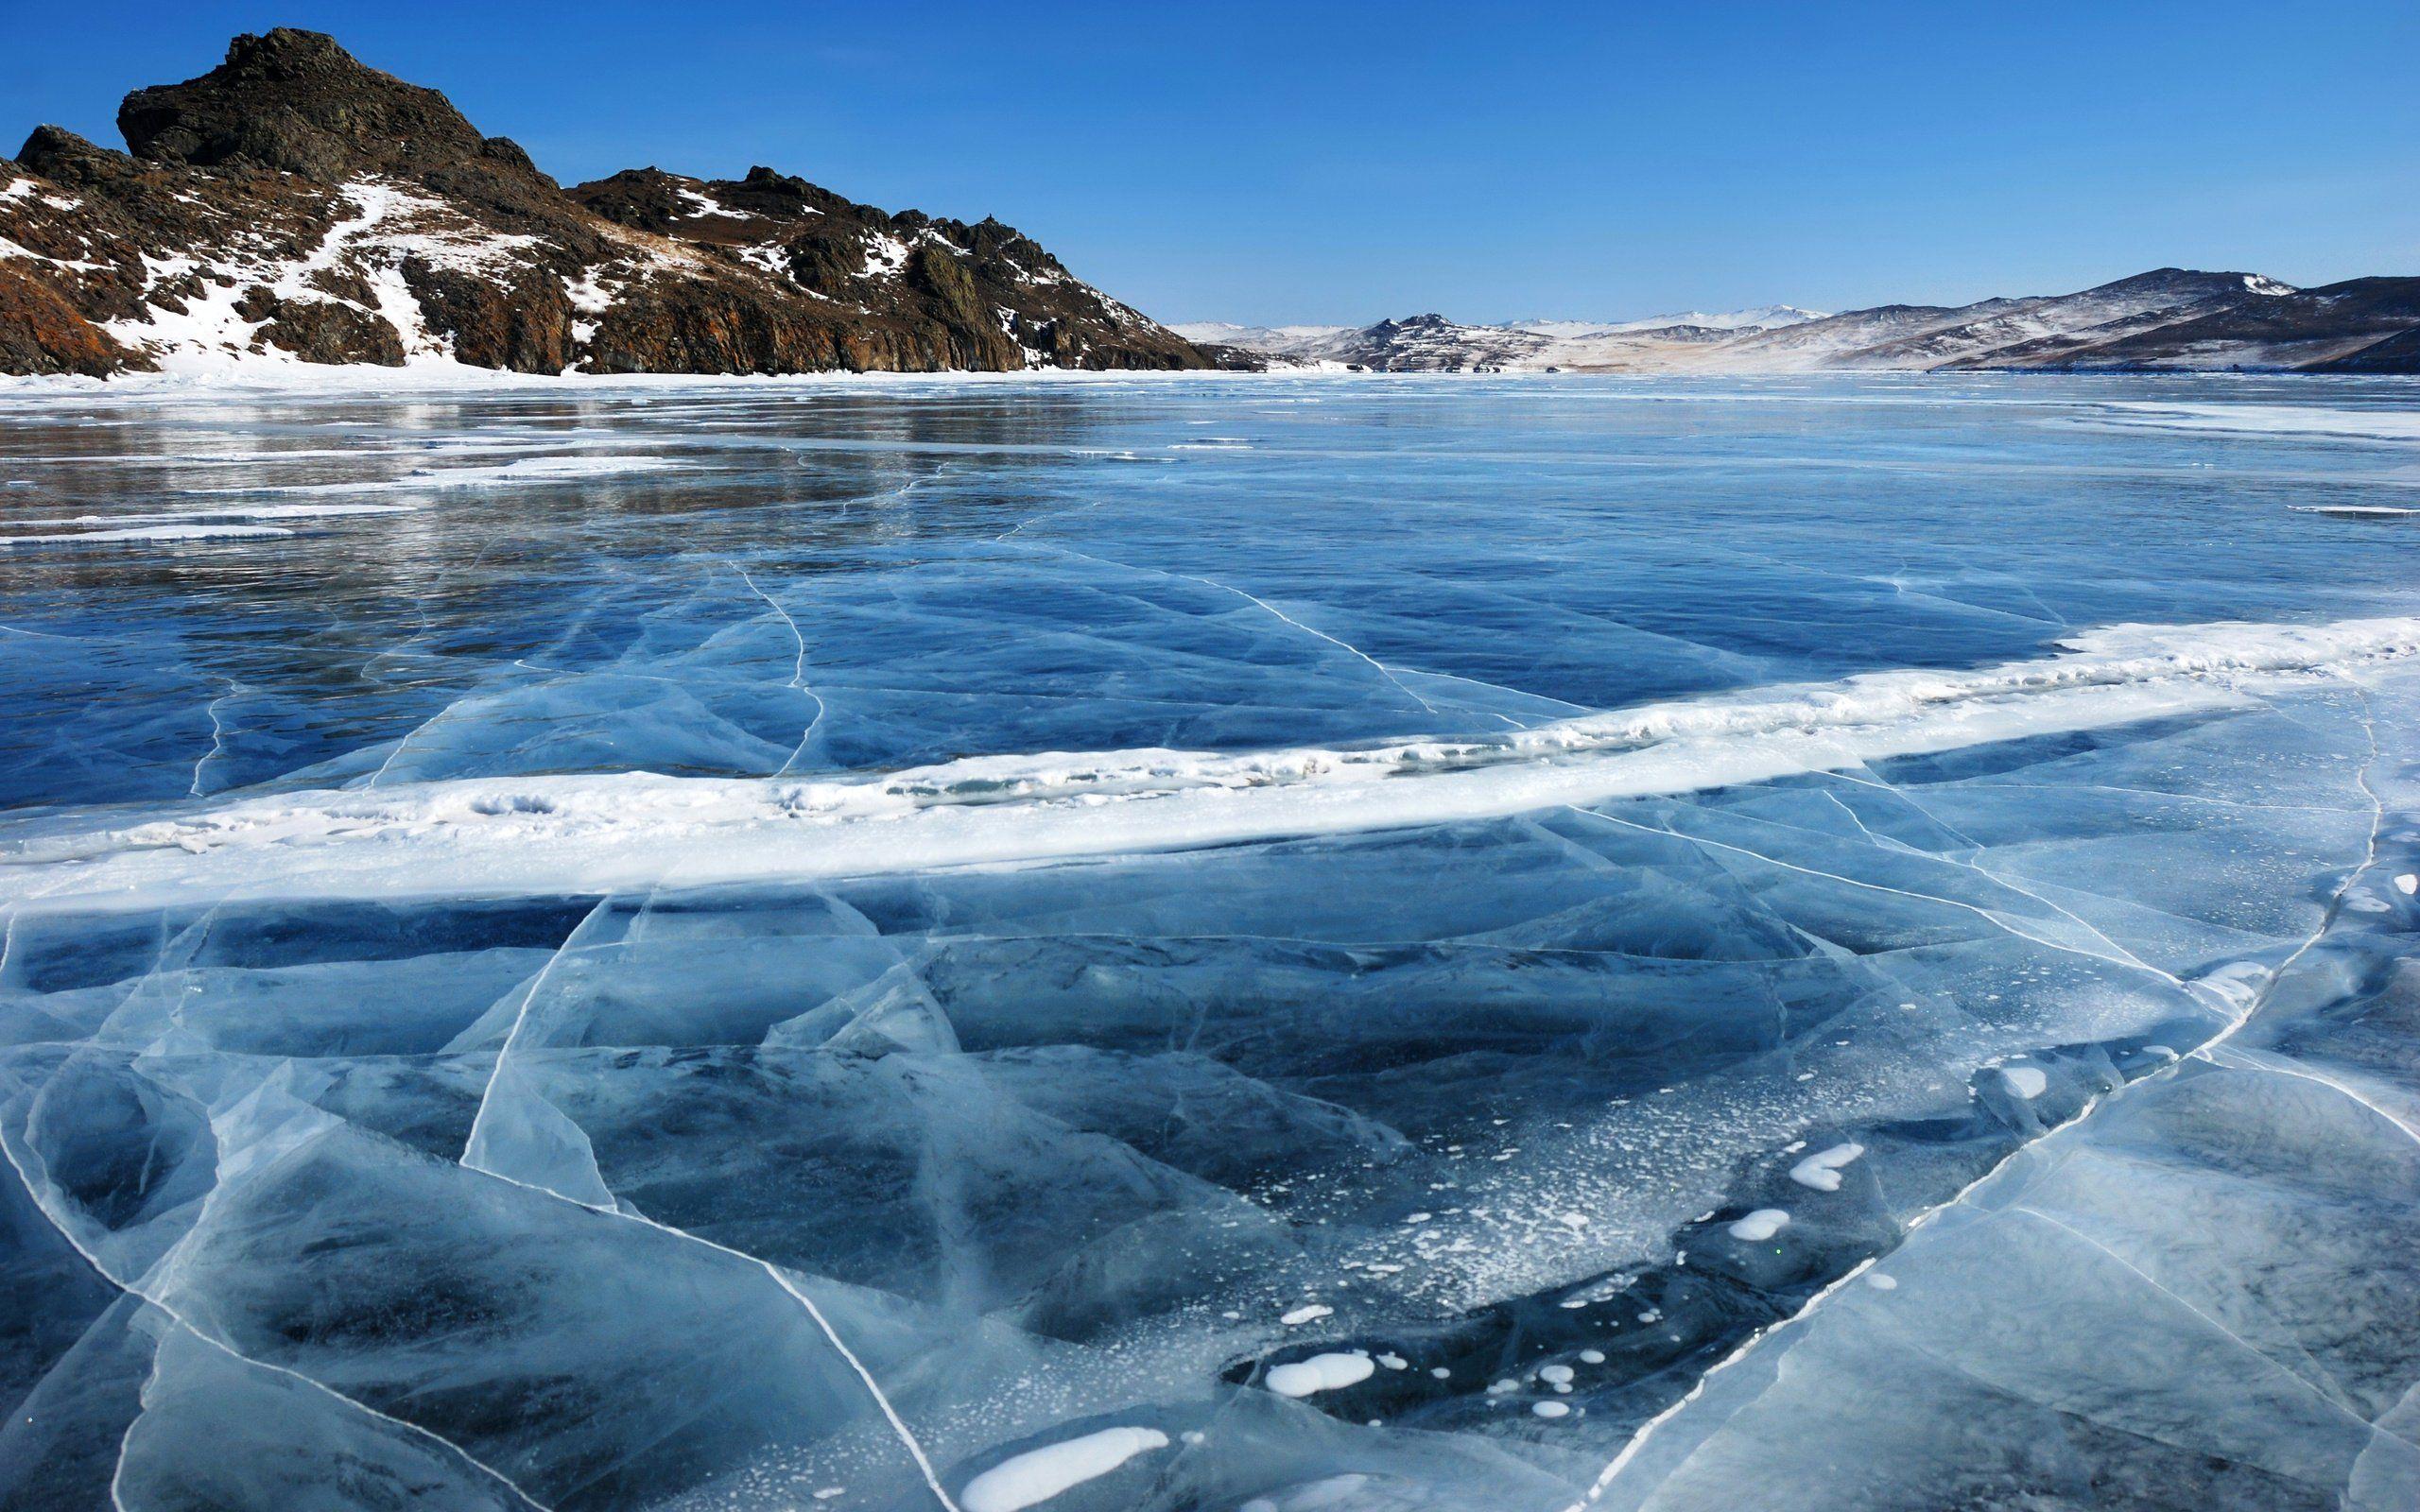 ВТверской области двое молодых людей провалились под лед